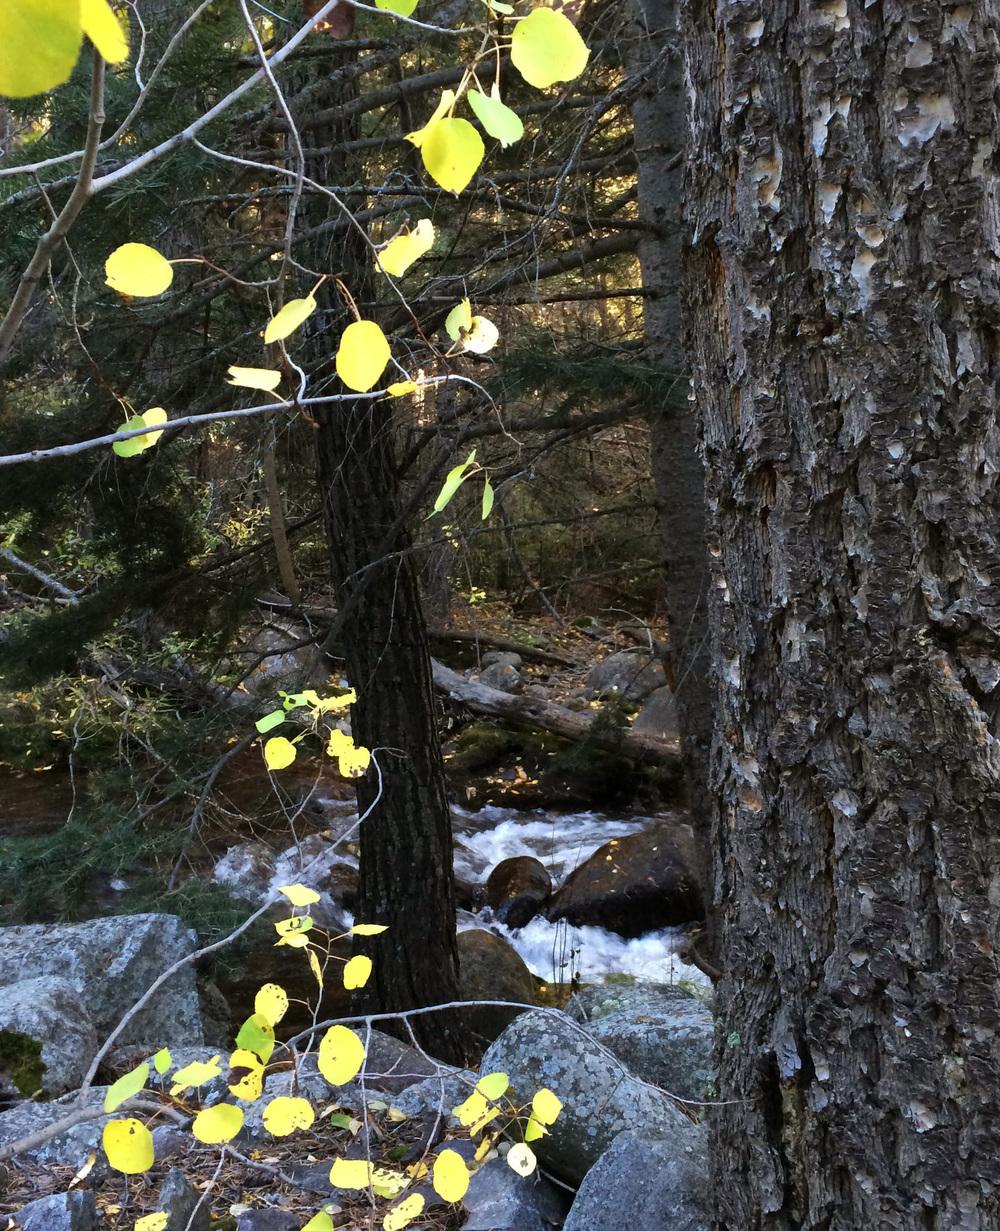 10-2-14 n.crestone trail 1-17-16.jpg